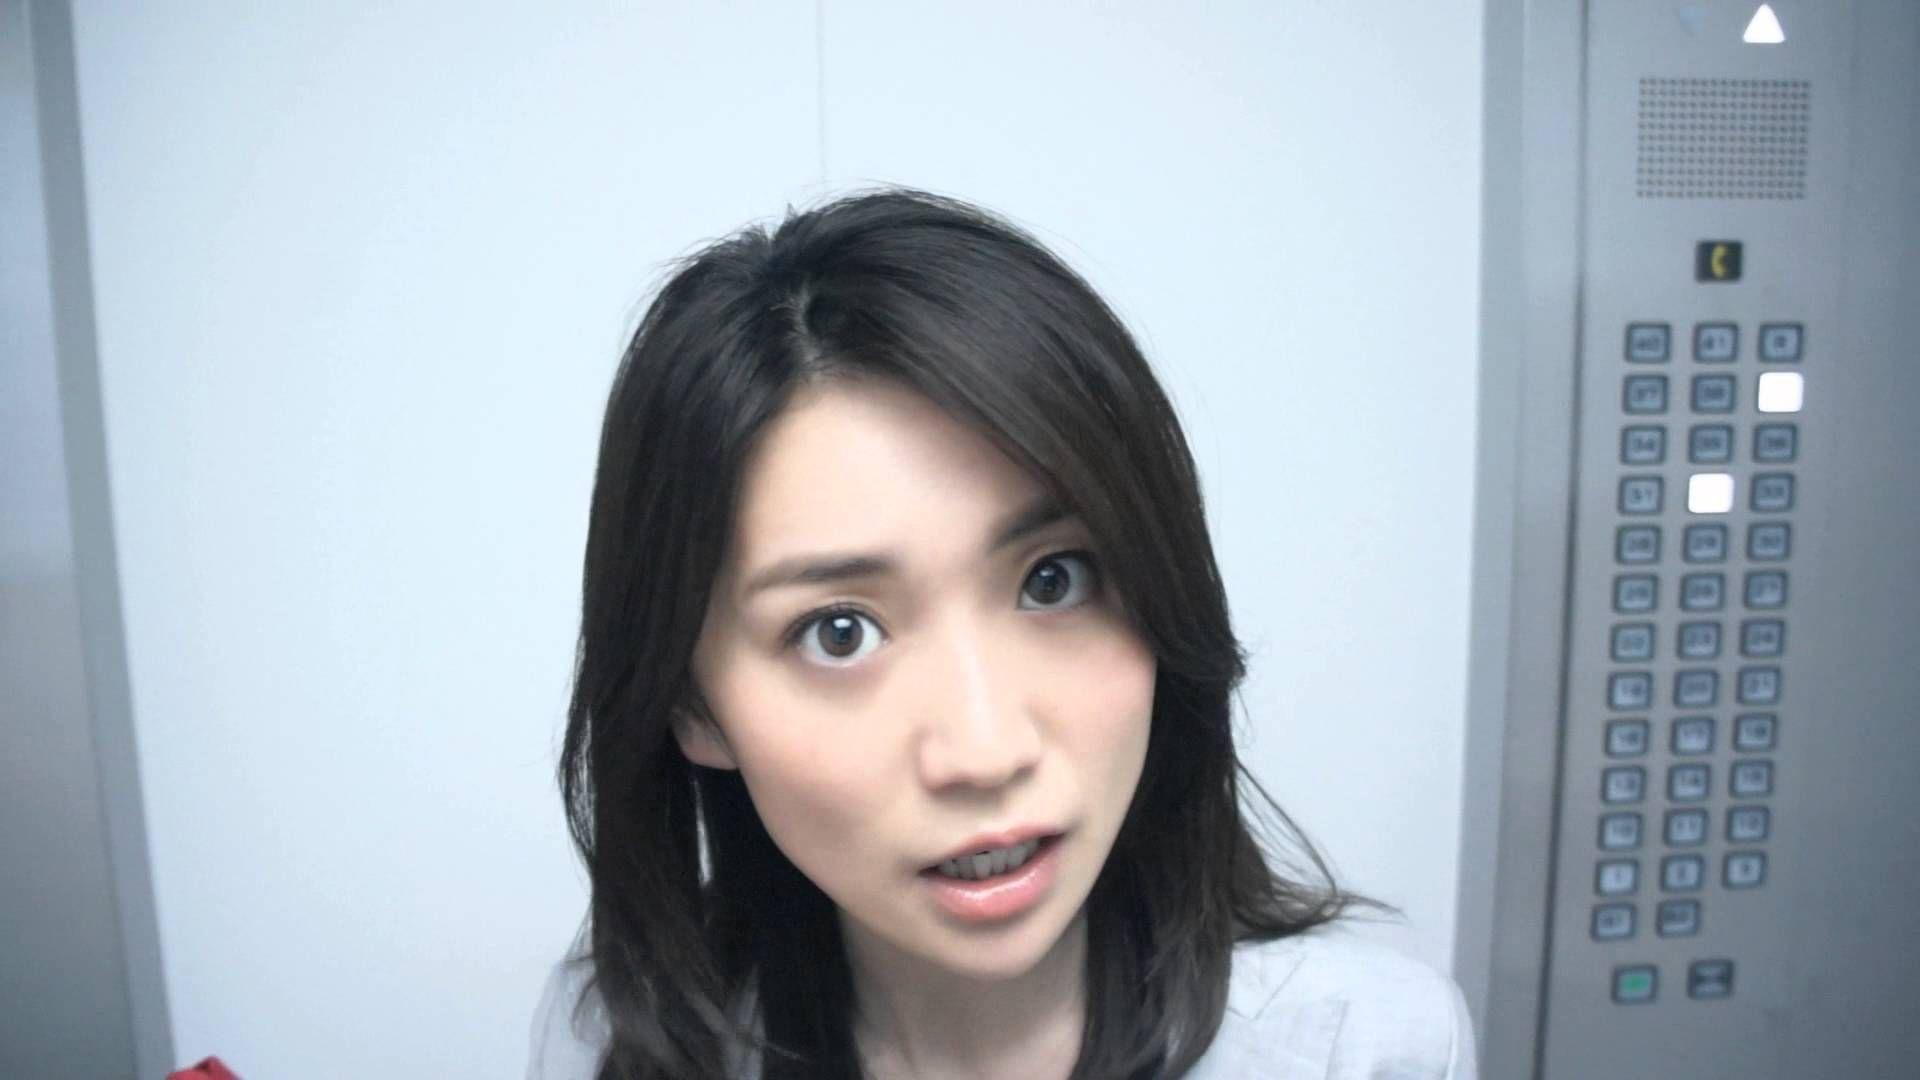 大島優子 Wallpaper: 「大島優子 画像」の検索結果